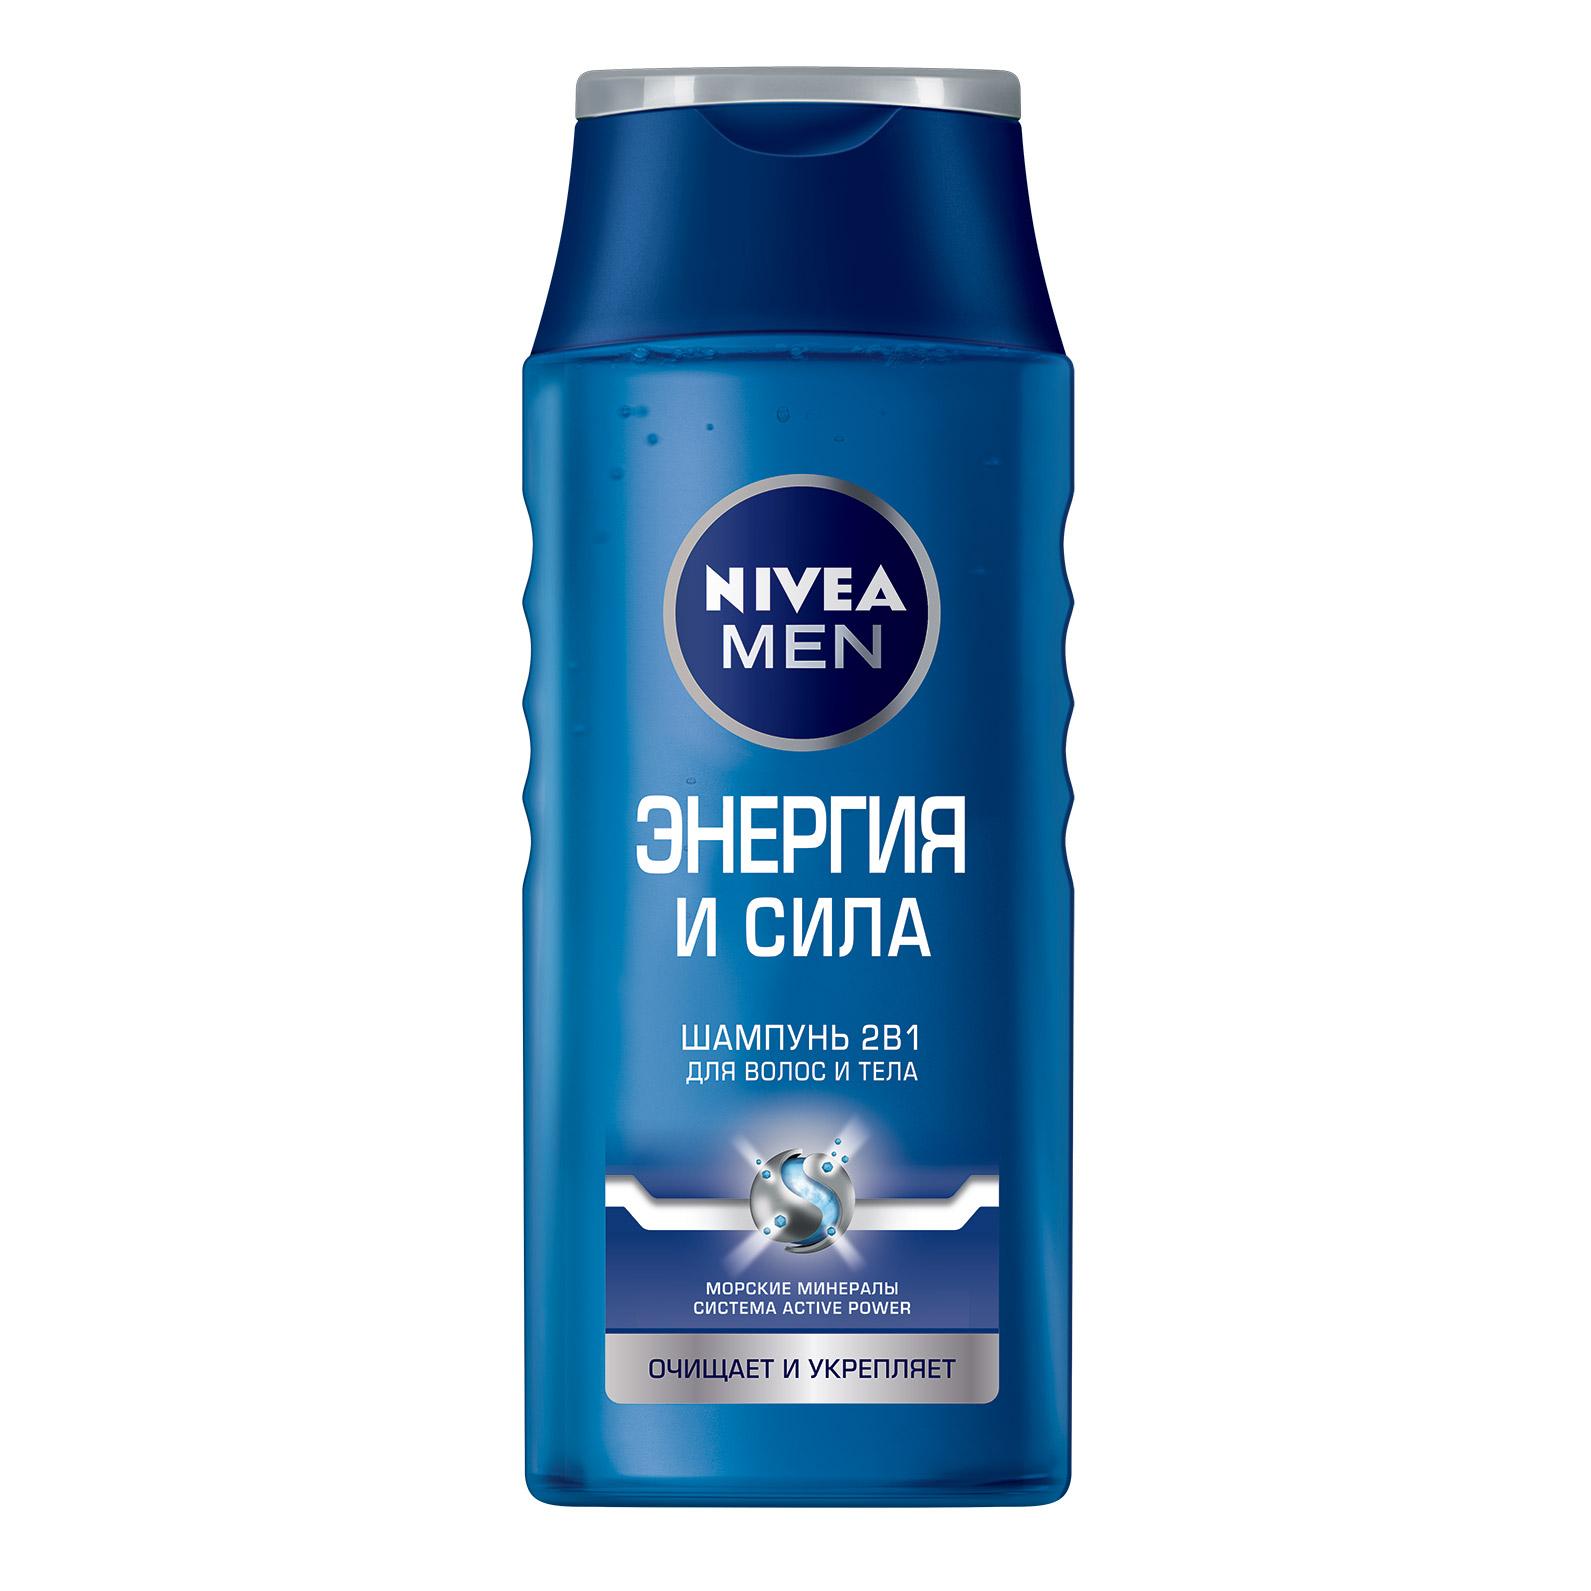 Фото - Шампунь для мужчин Энергия и сила 250 мл Nivea шампунь для волос nivea энергия и сила мужской 400мл